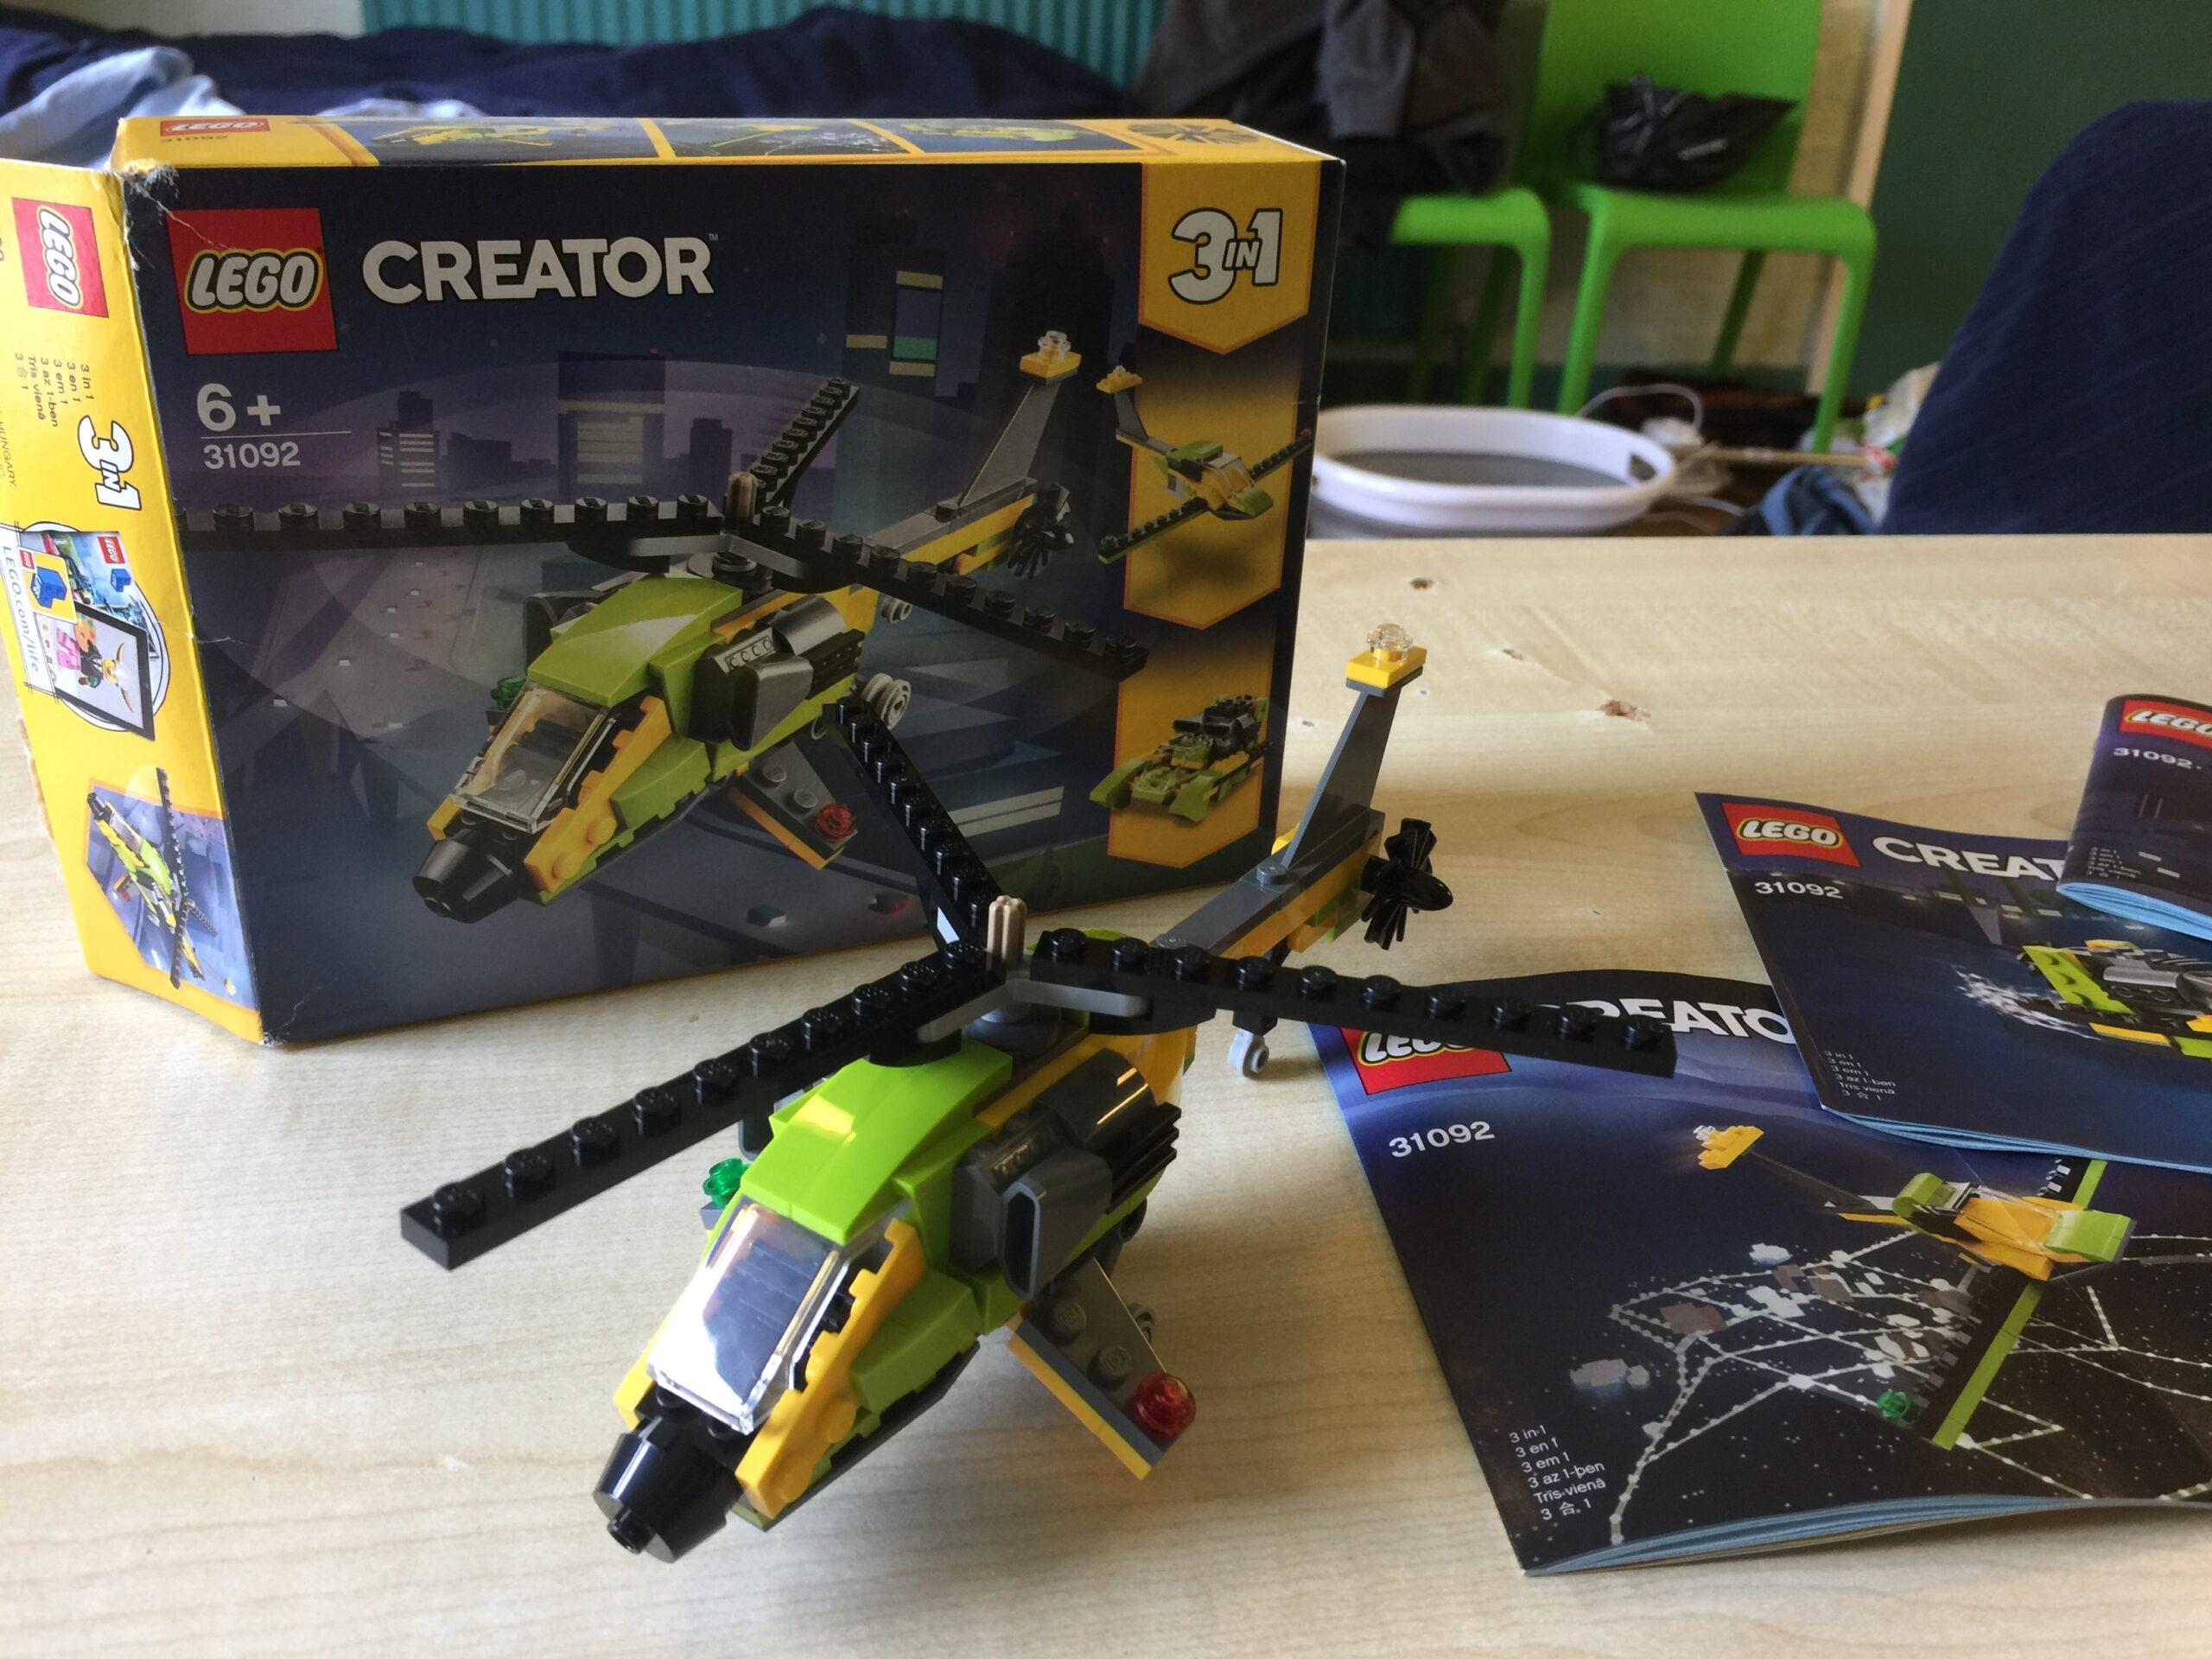 Lego helicopter set